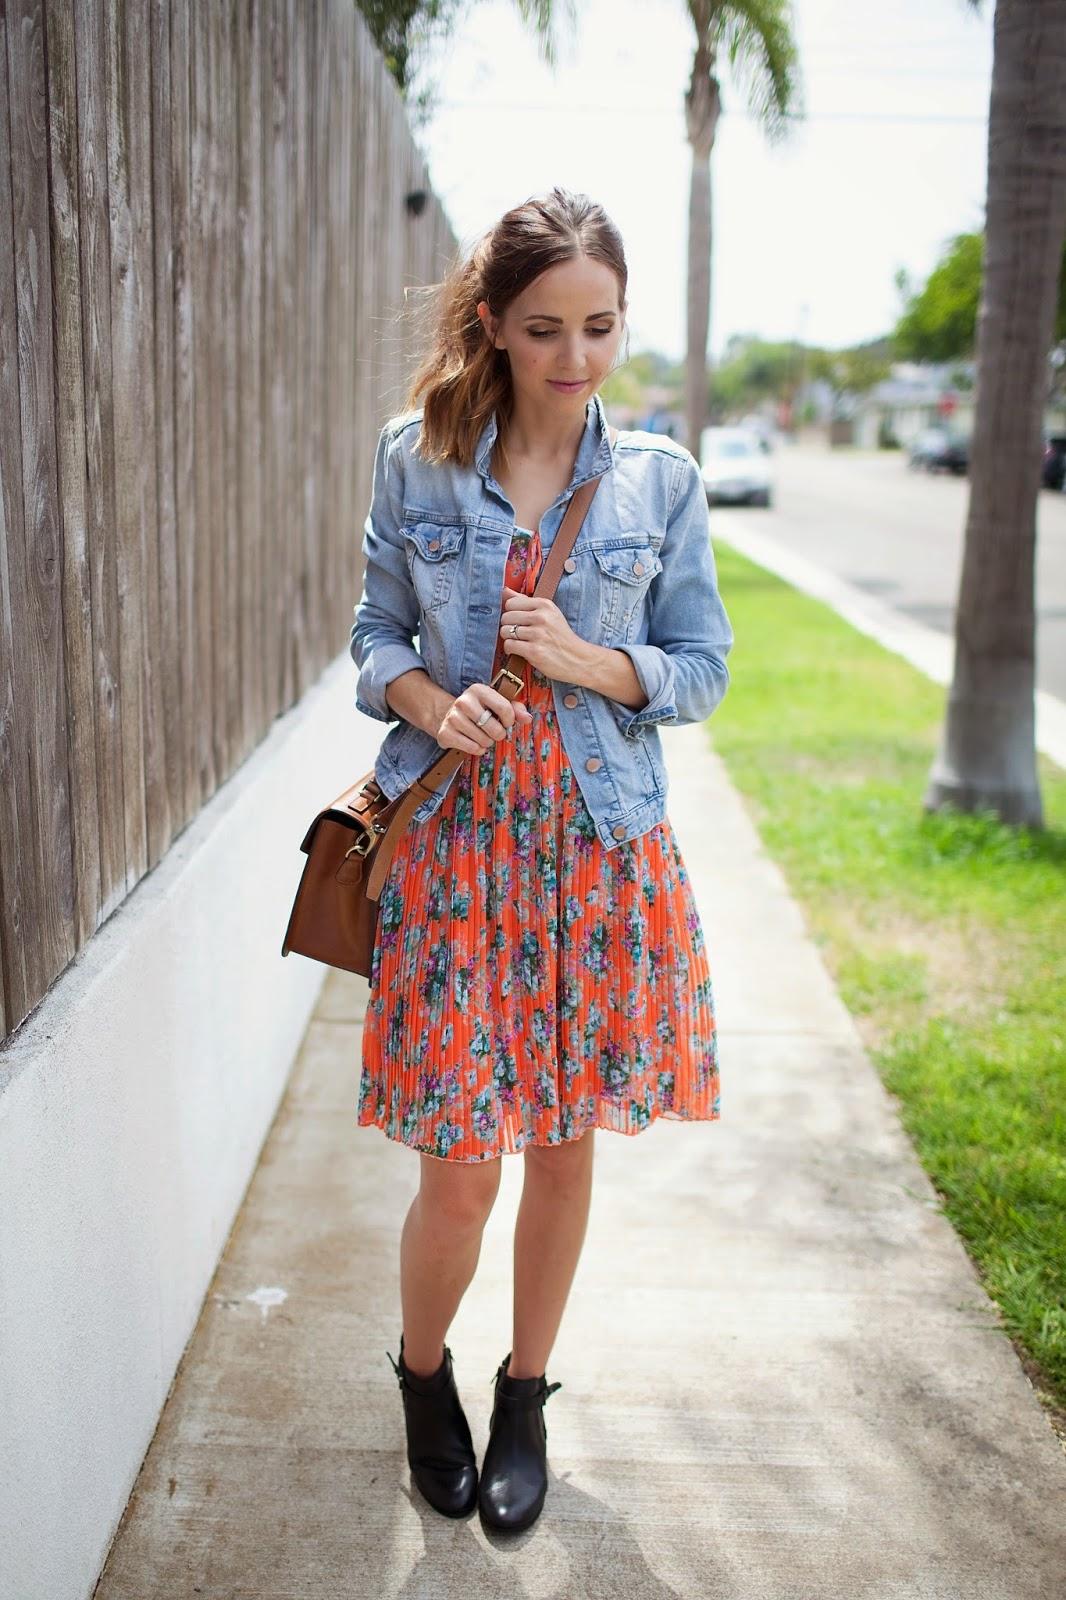 Αποτέλεσμα εικόνας για denim jacket with summer dress